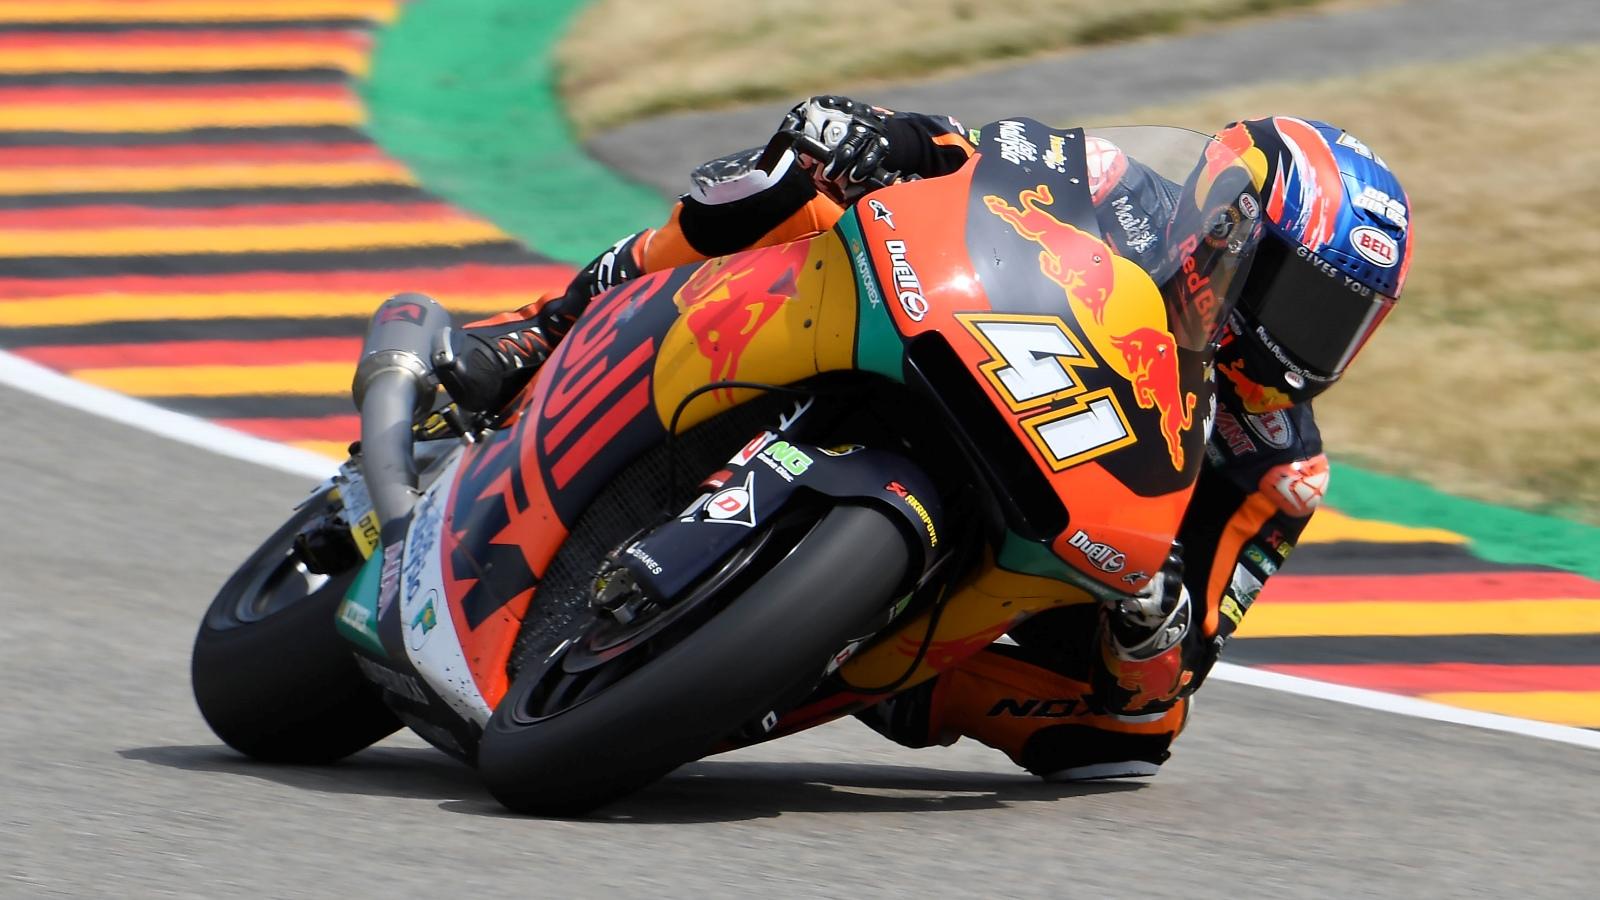 Brad Binder dará el salto a MotoGP en 2020 con KTM